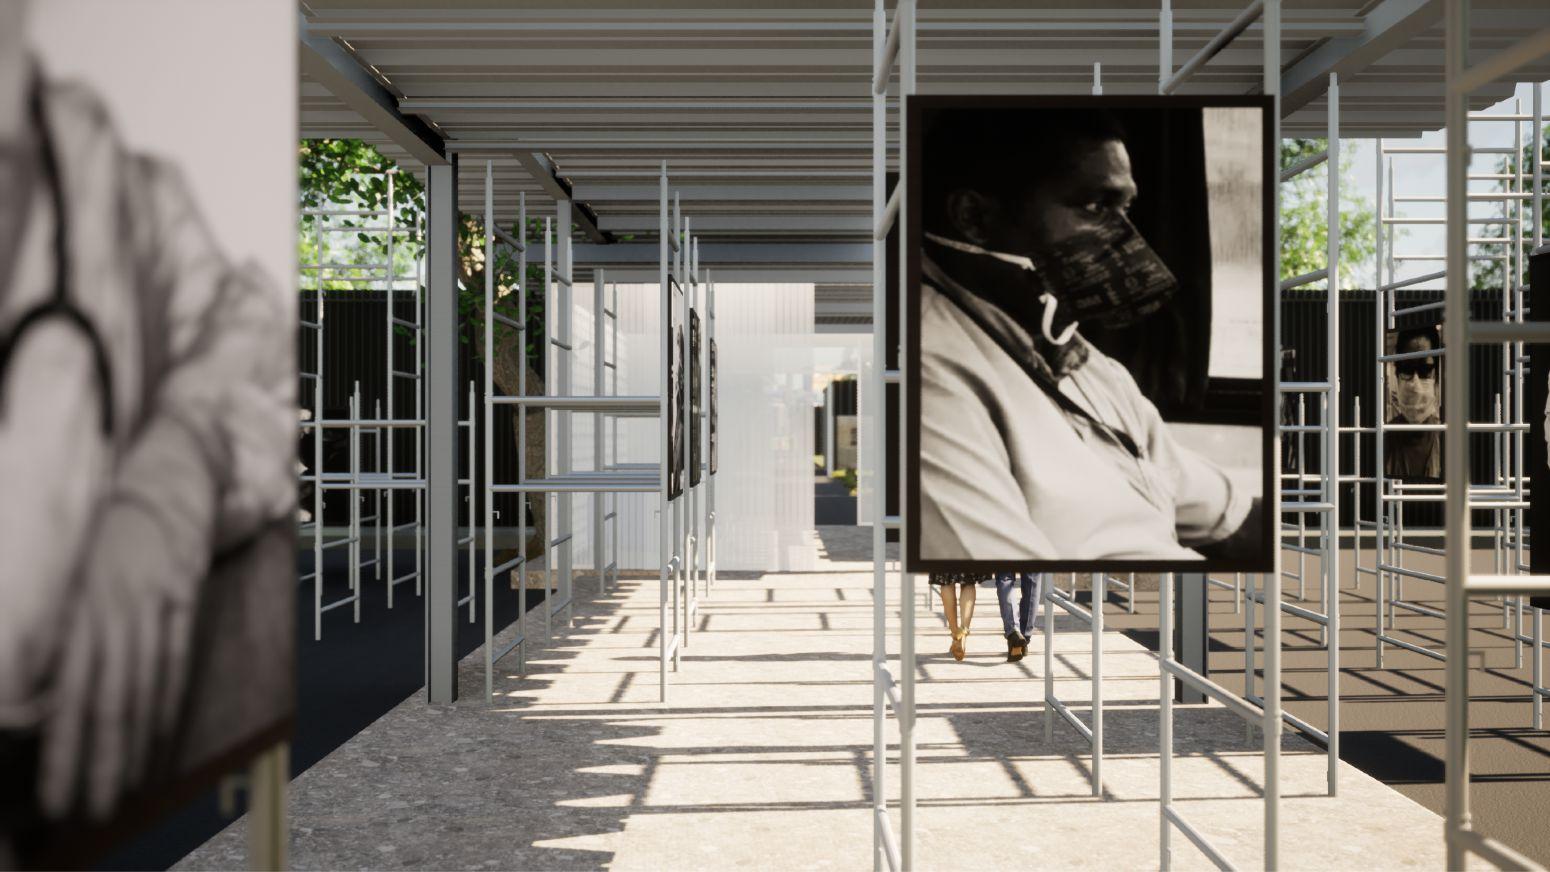 instalação casacor brasília 2021 homenageia profissionais na linha de frente da pandemia sainz arquitetura